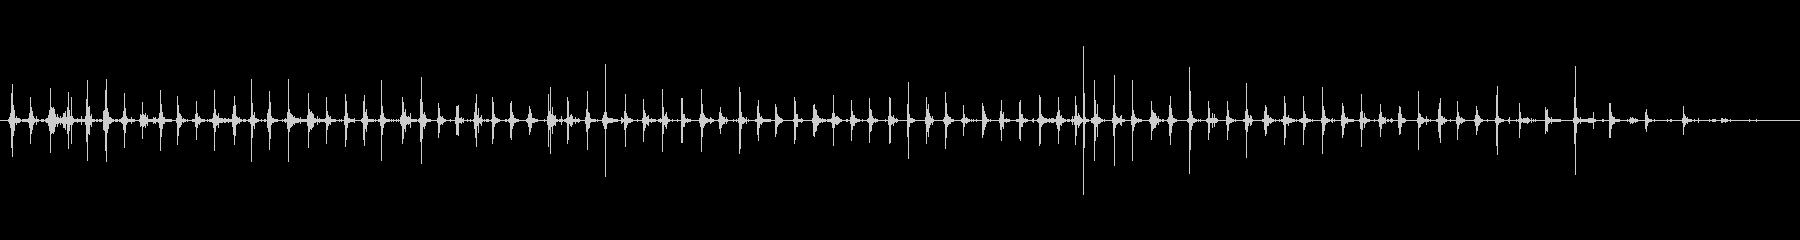 フォレスト:ランニングシューズ:ラ...の未再生の波形